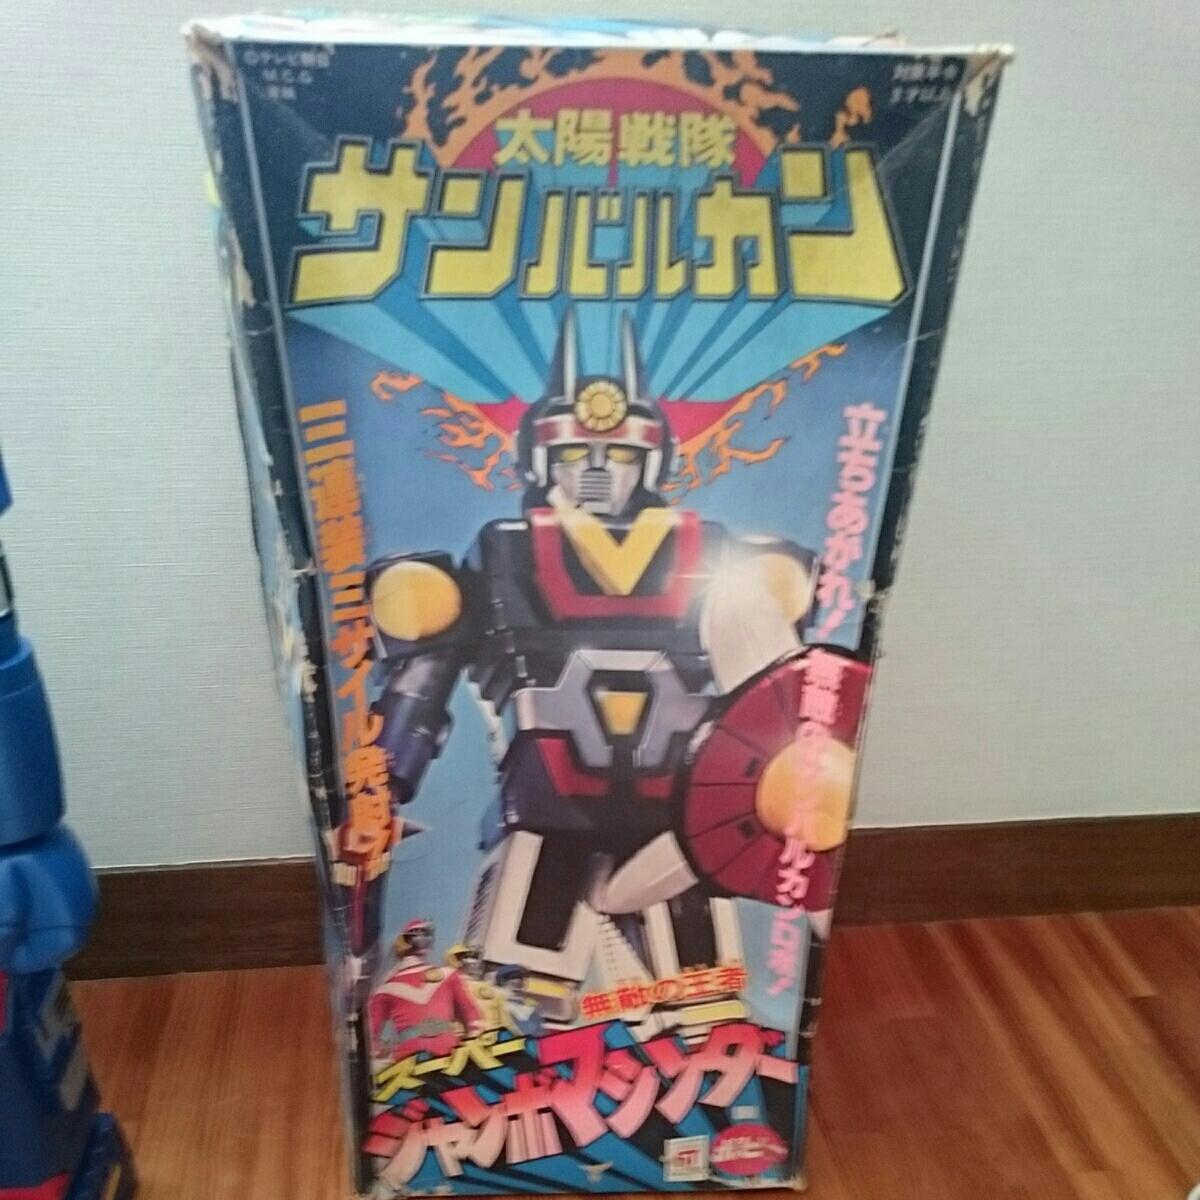 ポピー 太陽戦隊サンバルカン スーパージャンボマシンダー 箱あり 昭和レトロ プラ人形 全長約60cm 希少_画像6